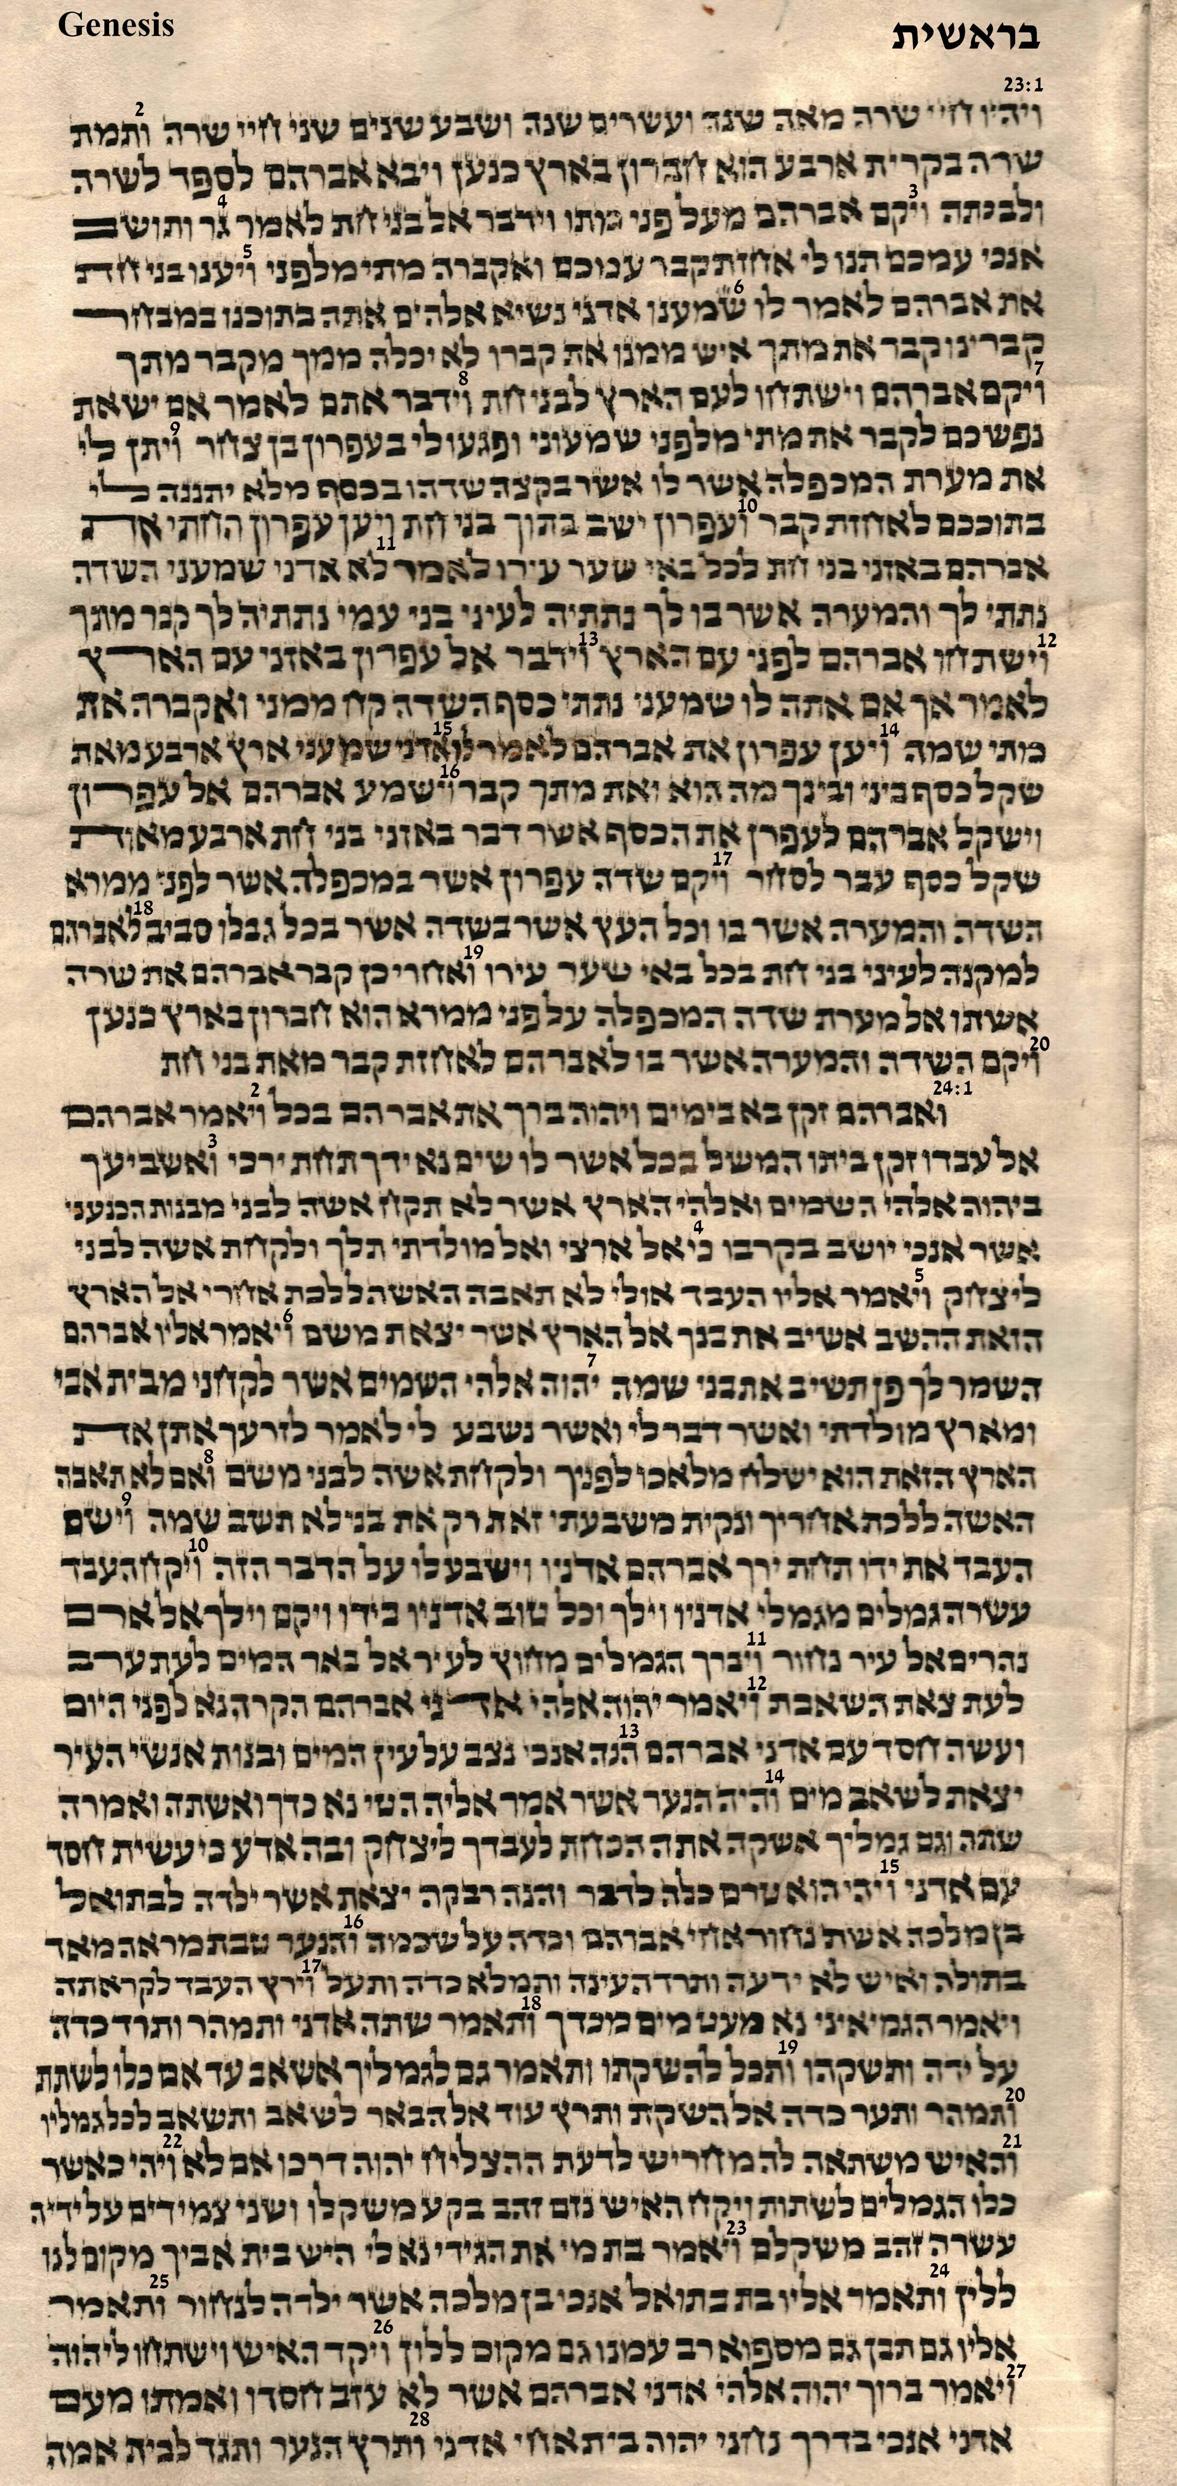 Genesis 23.1 - 24.28